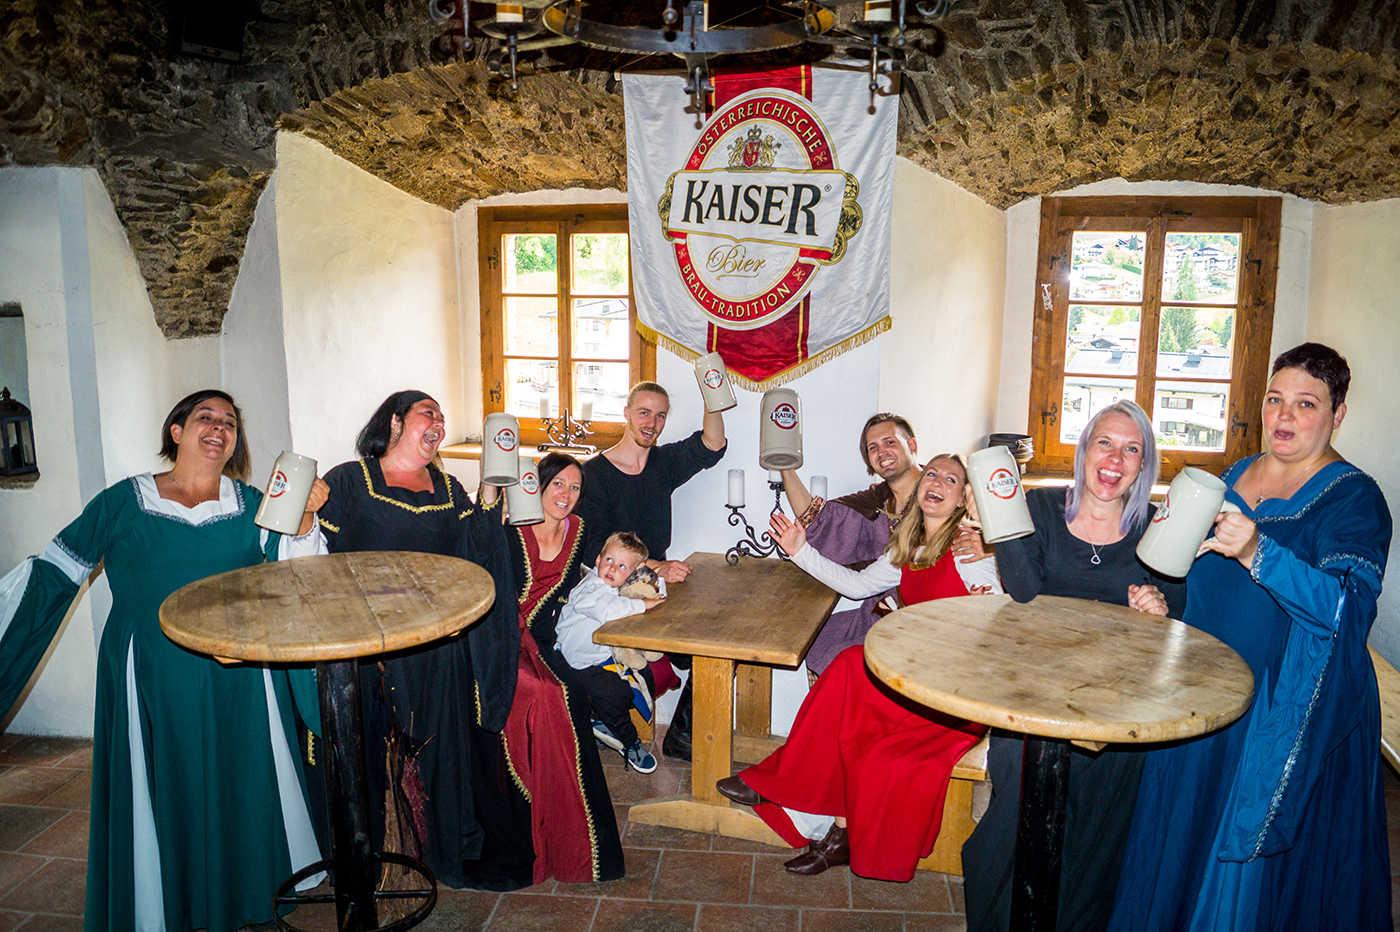 Eigens gebrautes Kaiser Bier rettet vor dem Verdursten und Gaumenfreuden erwarten euch